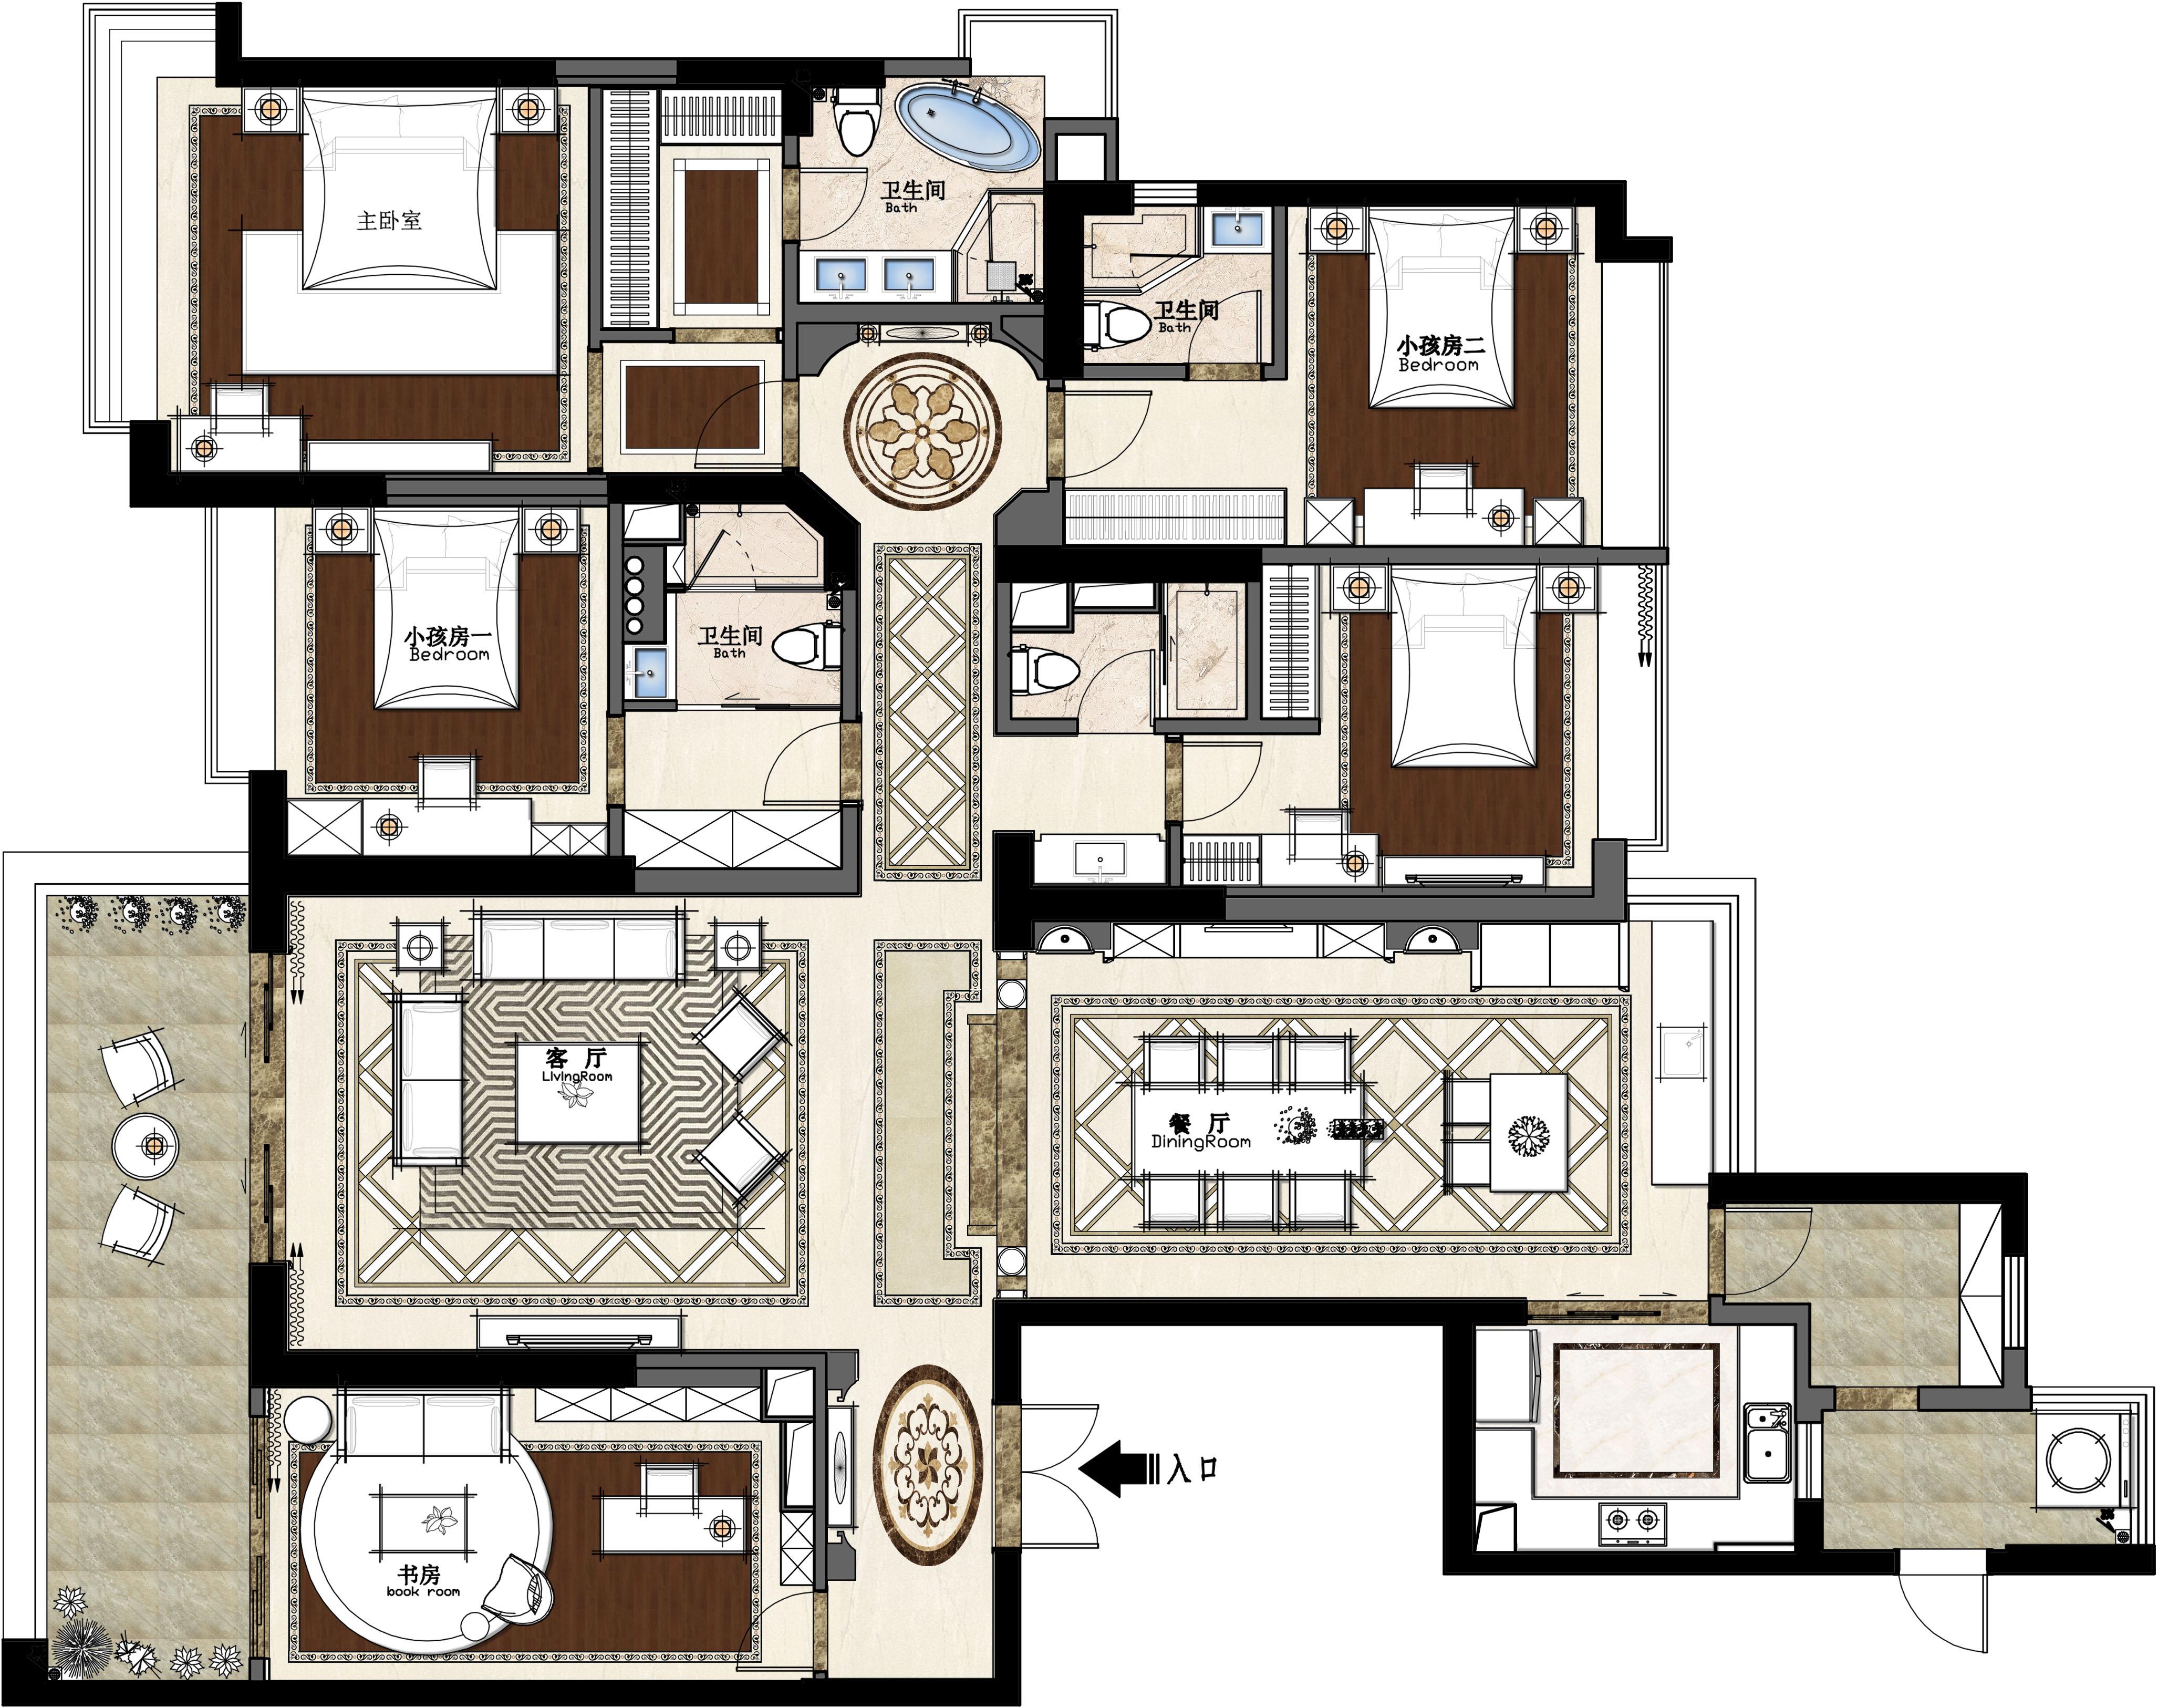 松山湖锦绣山河观园装修效果图-266㎡轻奢欧式五室二厅装修案例装修设计理念